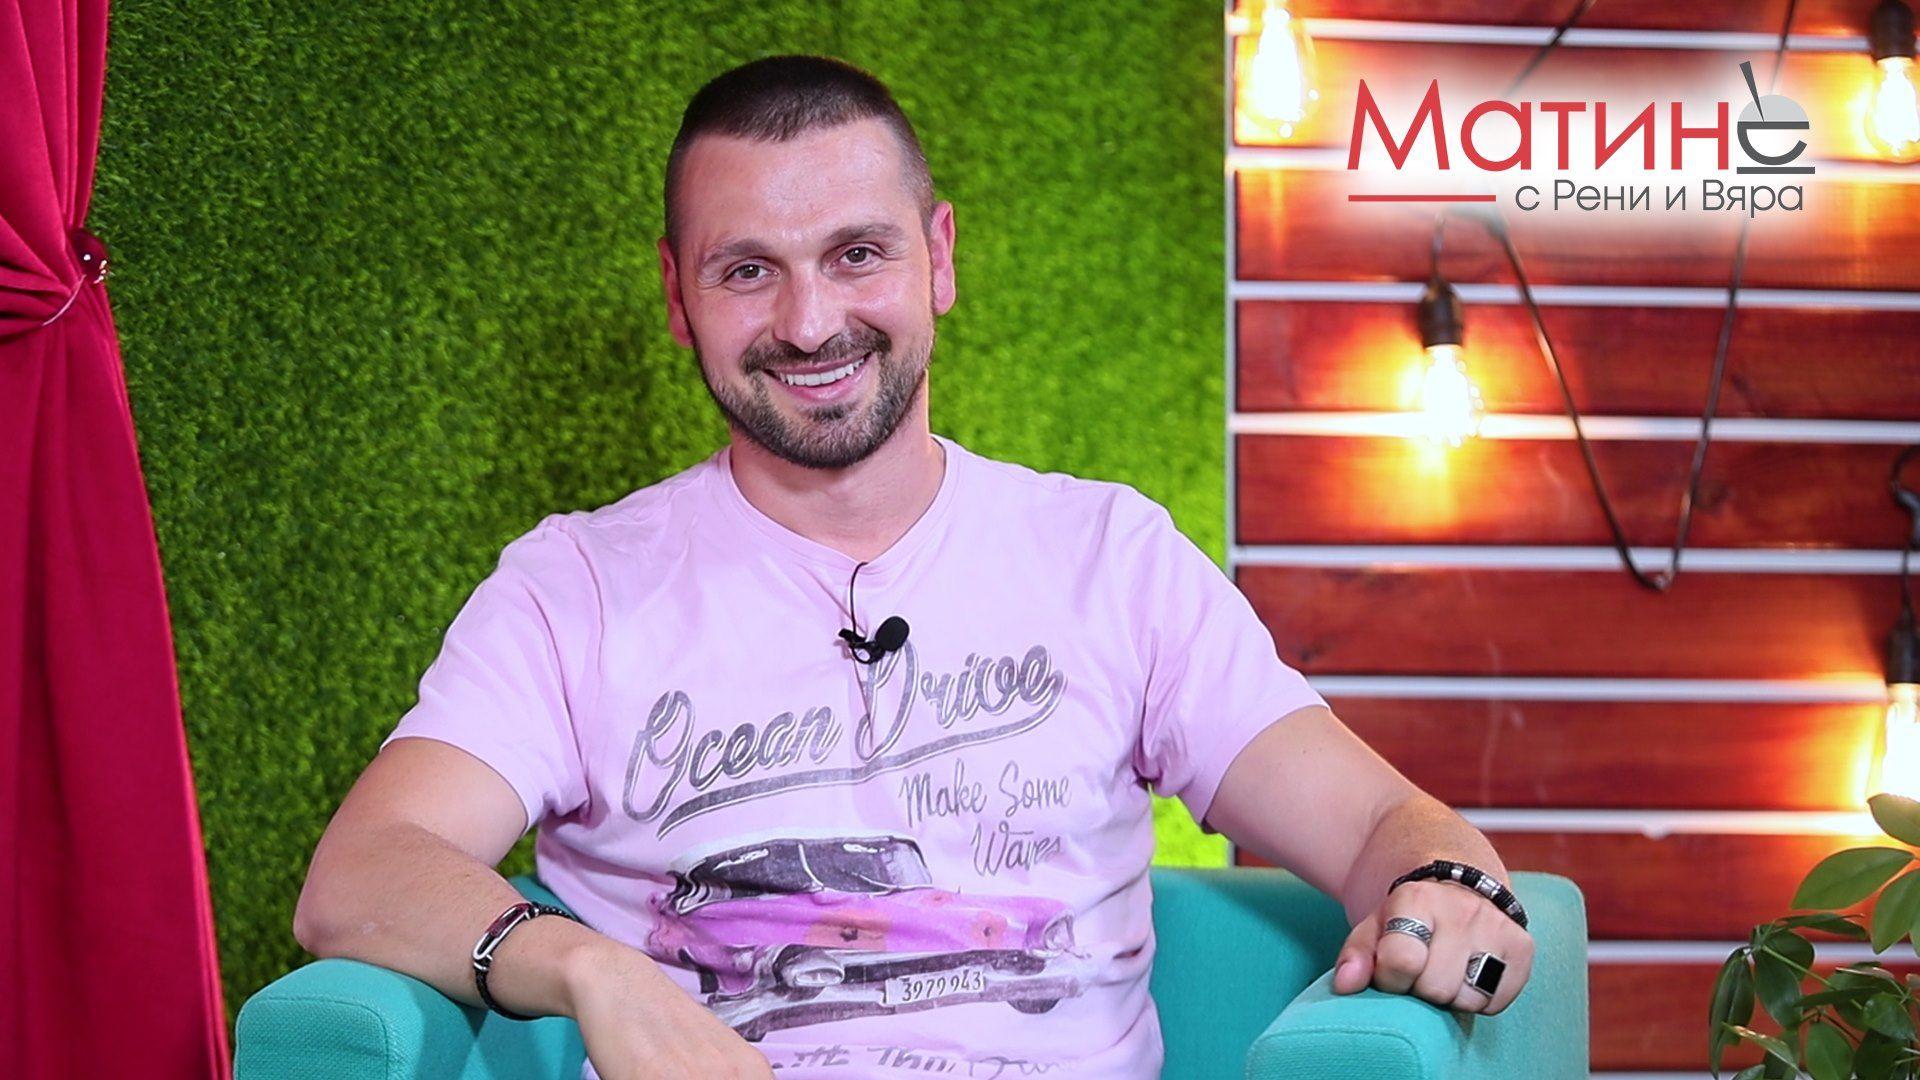 Александър Сано: Нямам намерение децата ми да живеят в подобна обстановка